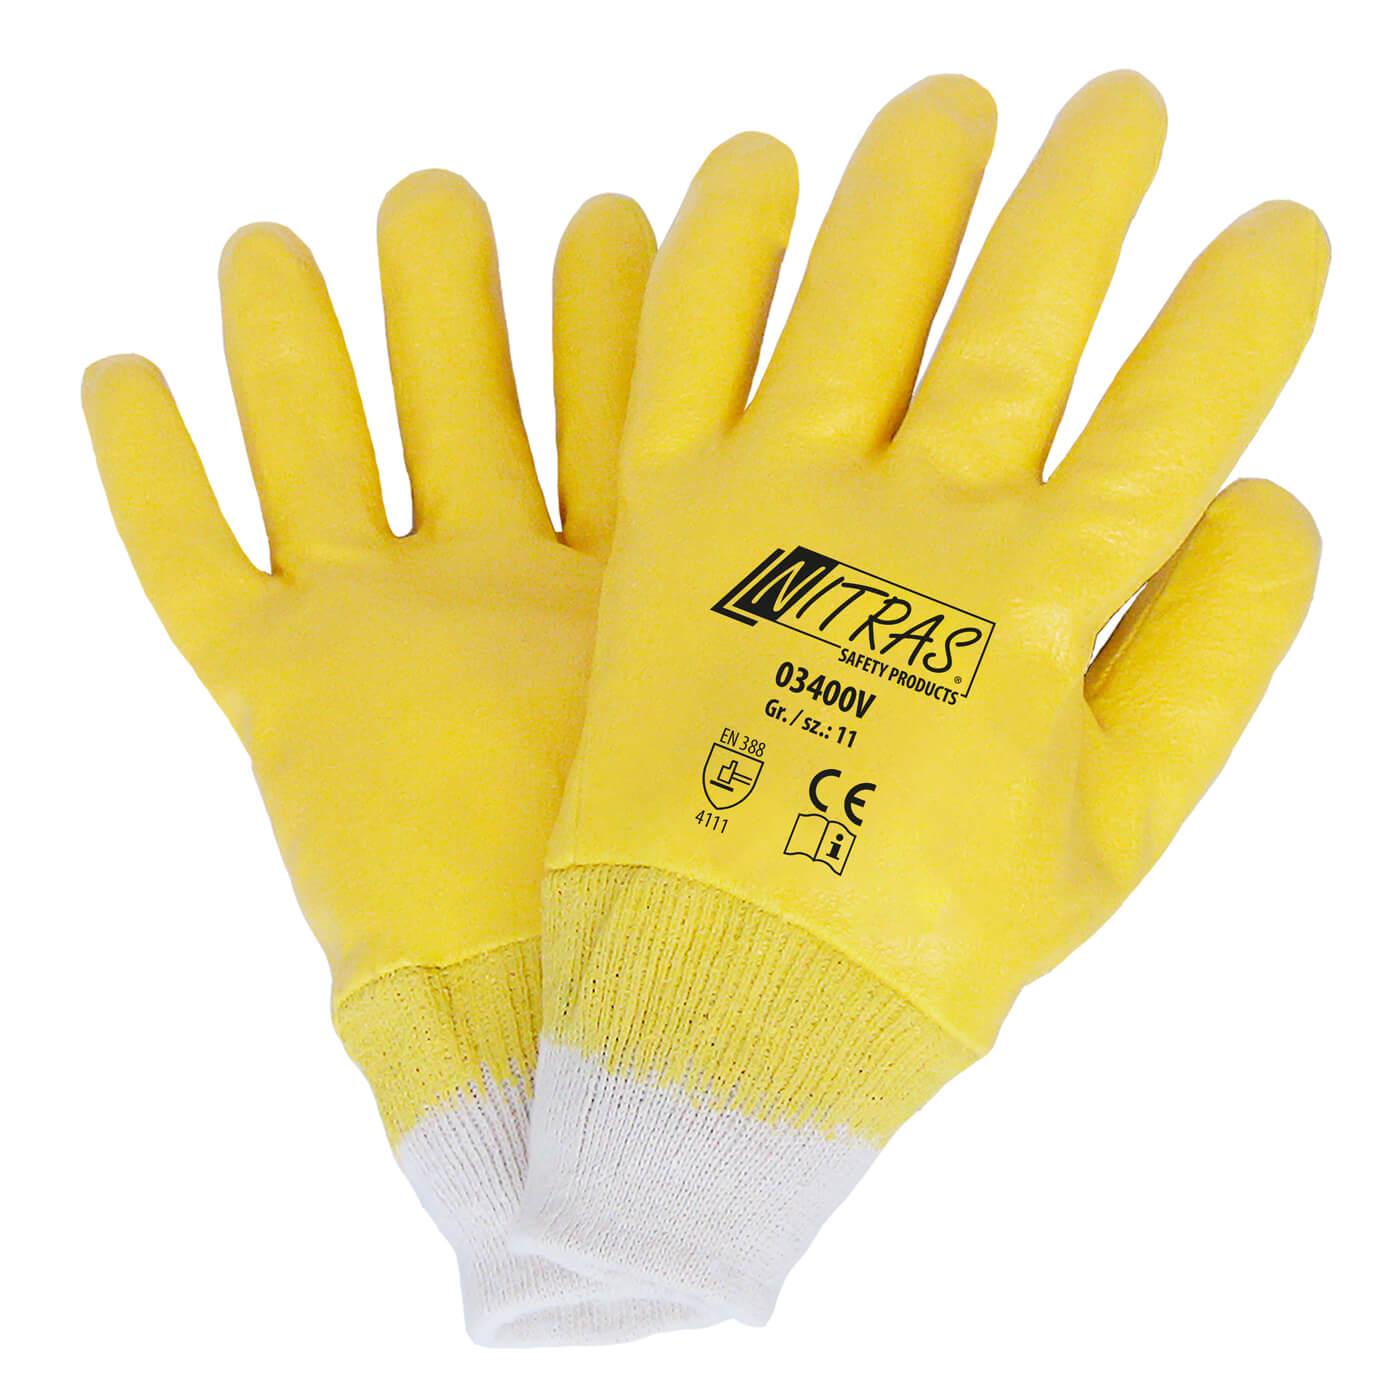 Rękawice nitrylowe Nitras 03400V